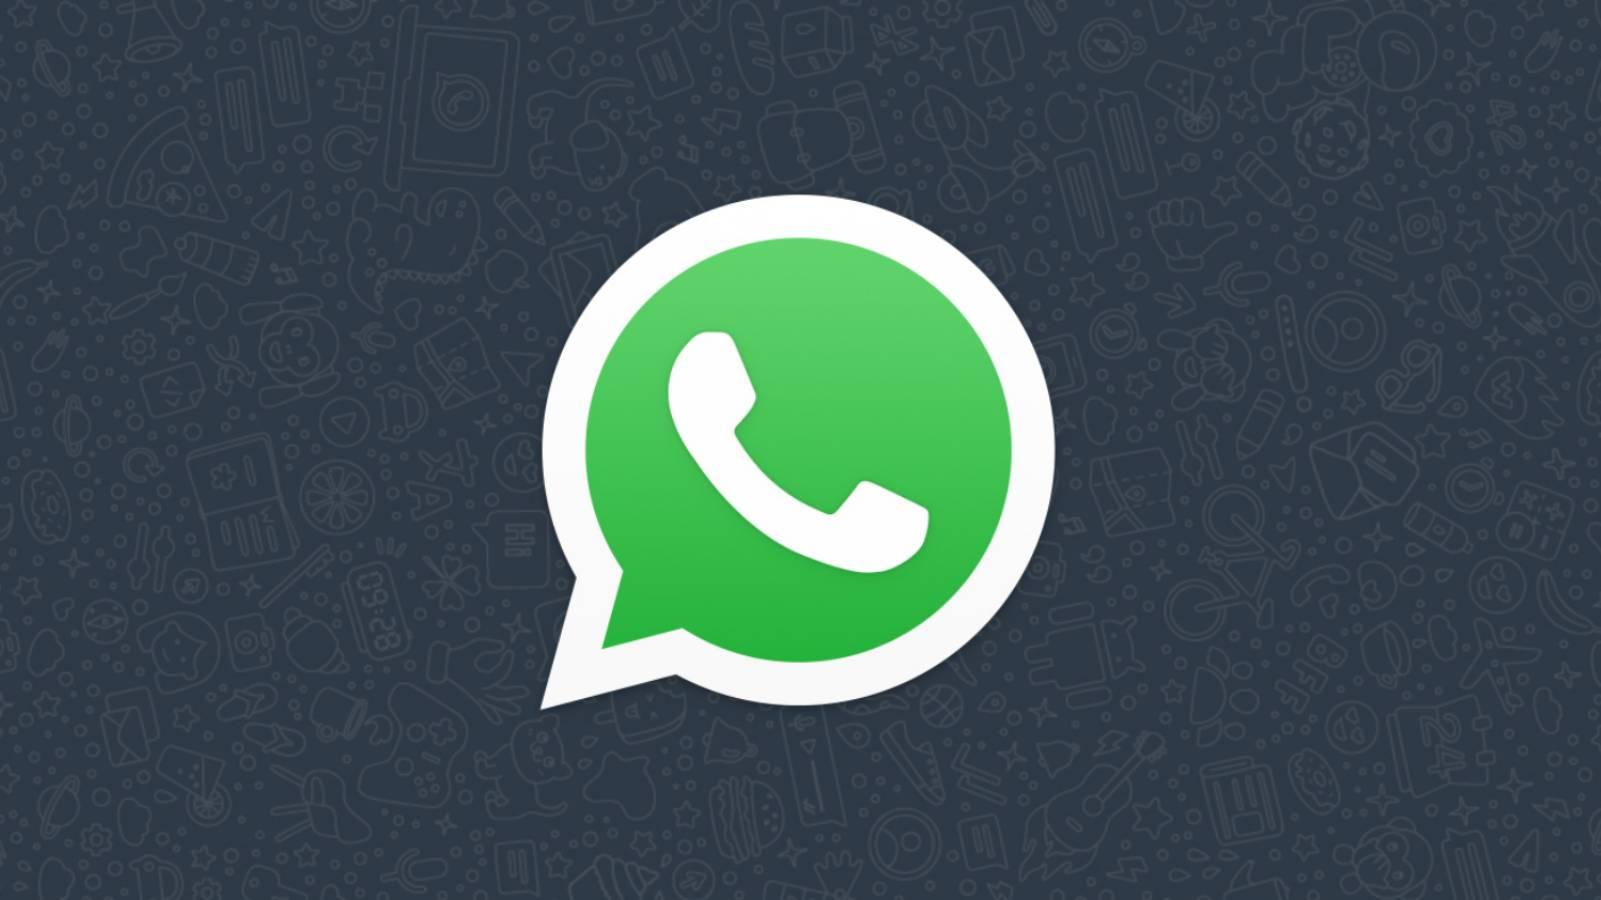 WhatsApp spionare